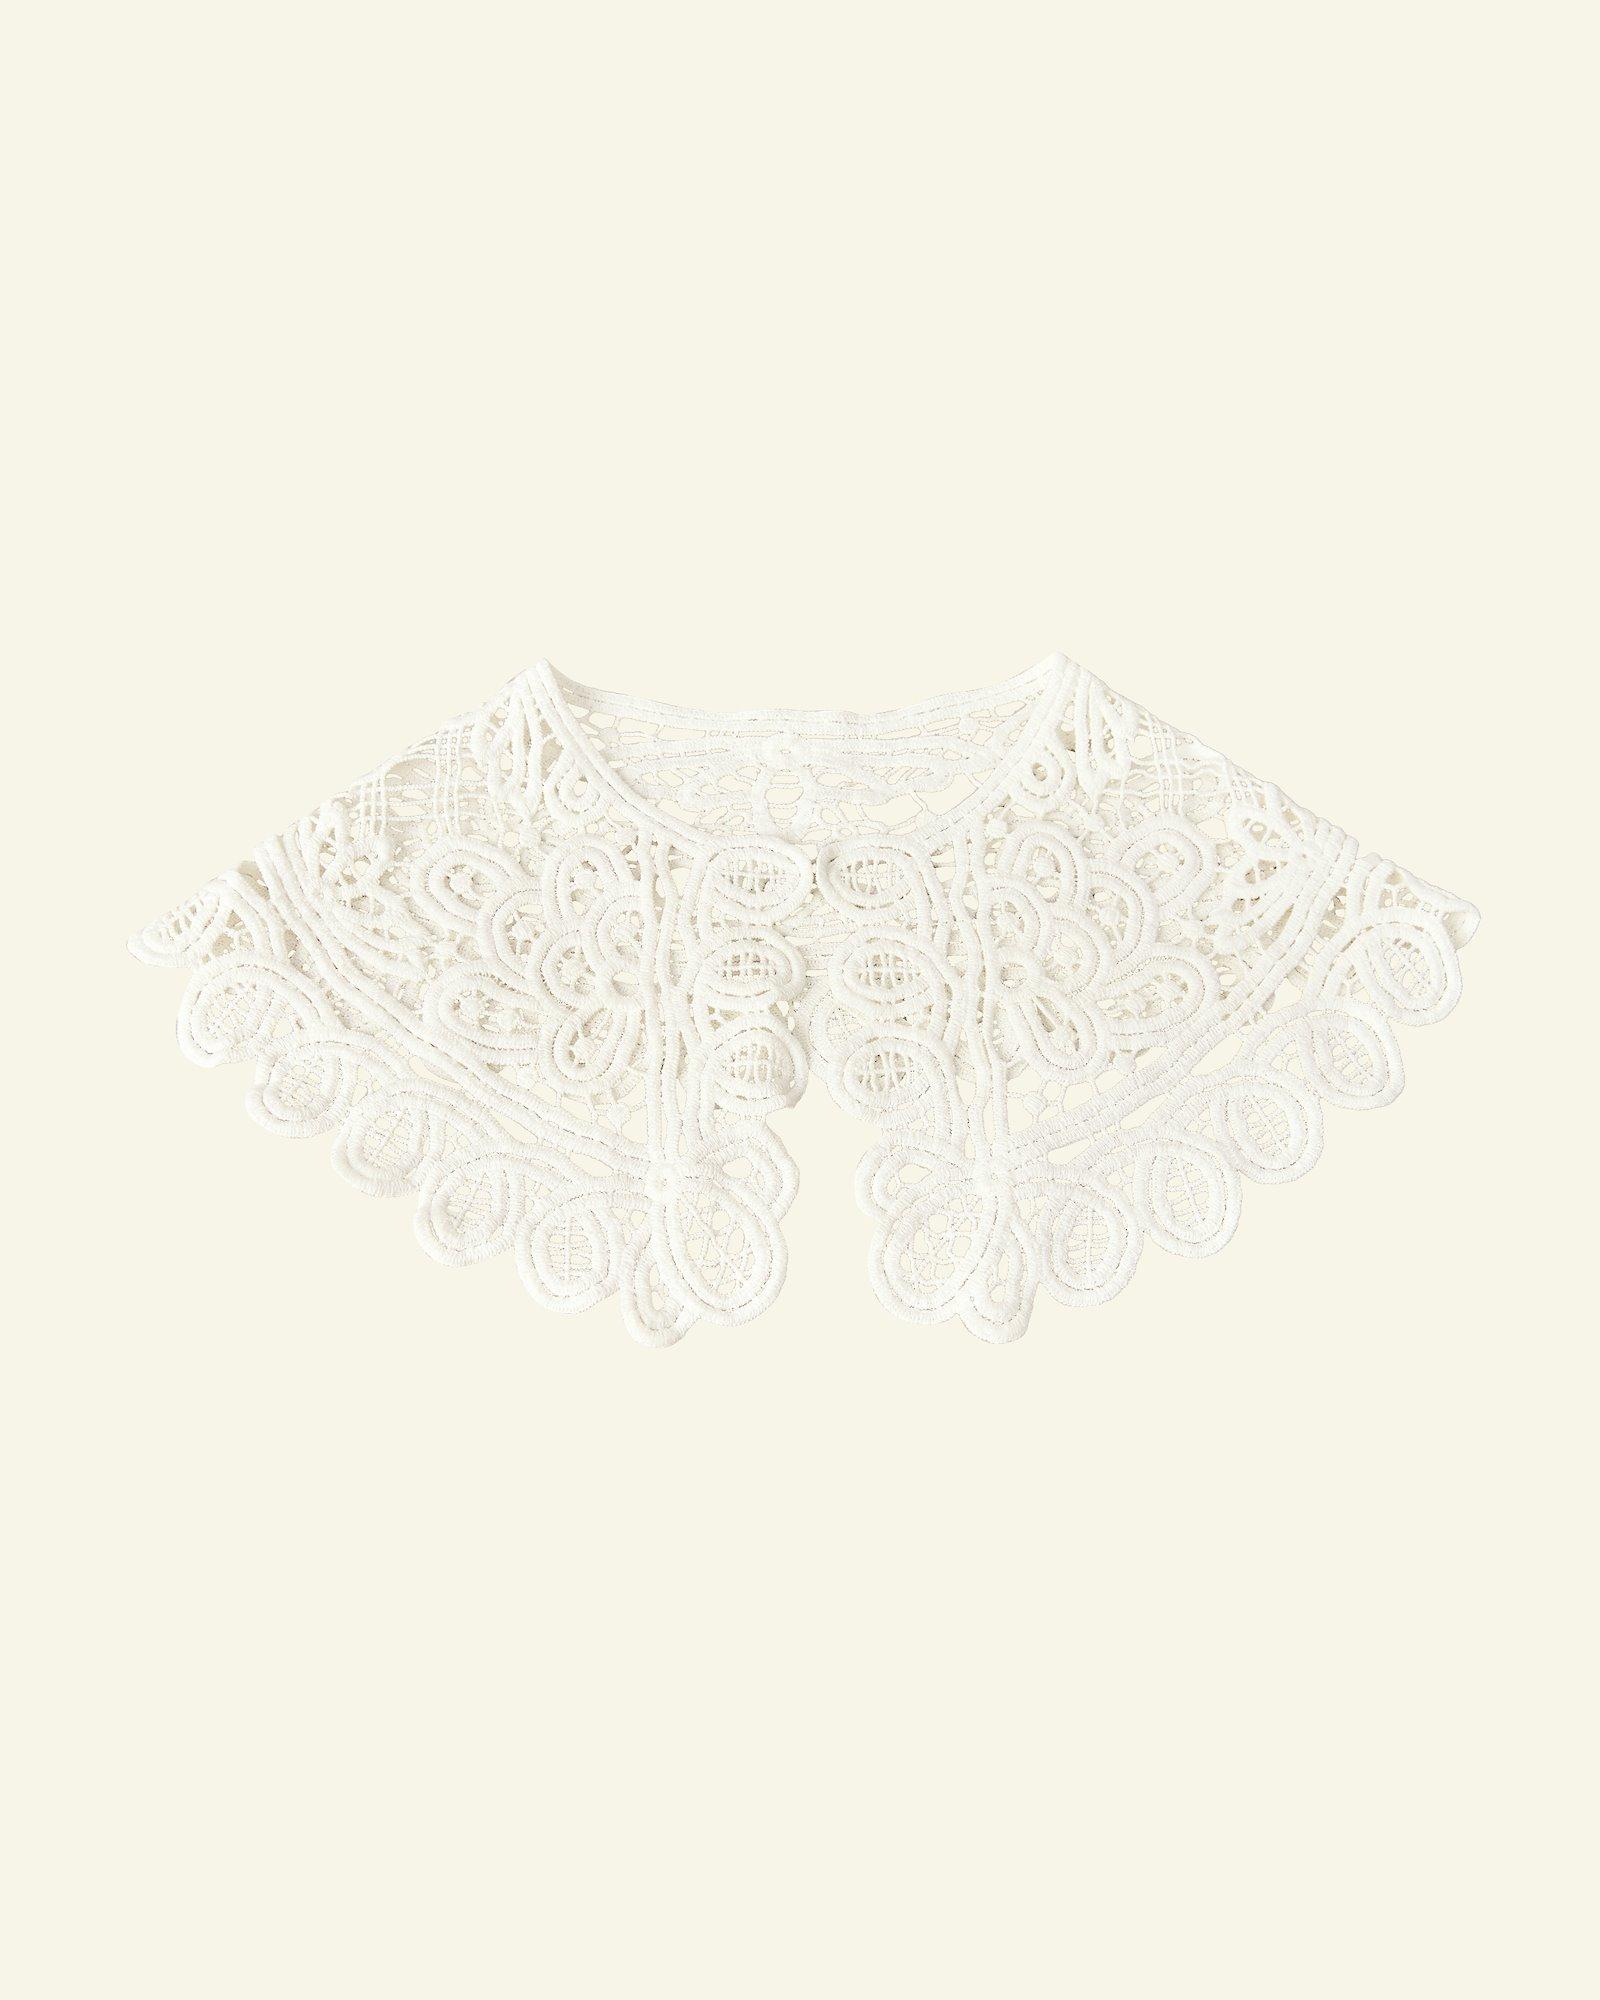 Spitzen-Baumwollkragen 70x17cm Weiß, St.